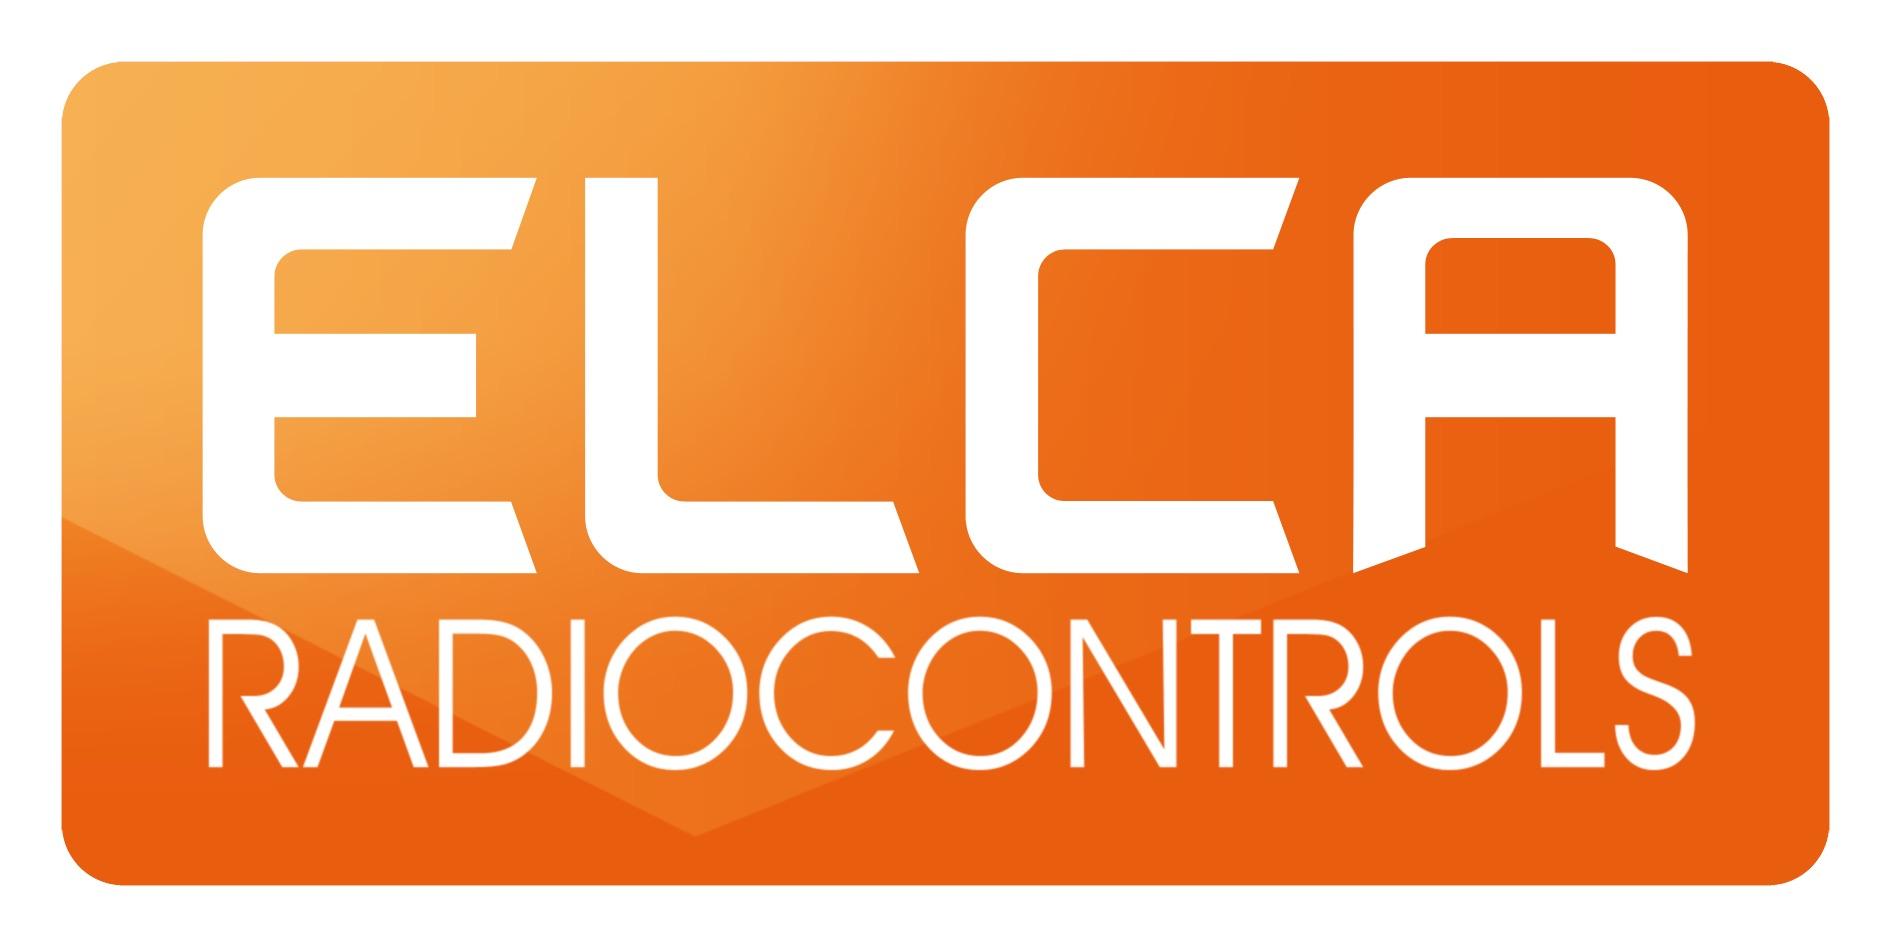 Elca Radiocontrols Srl